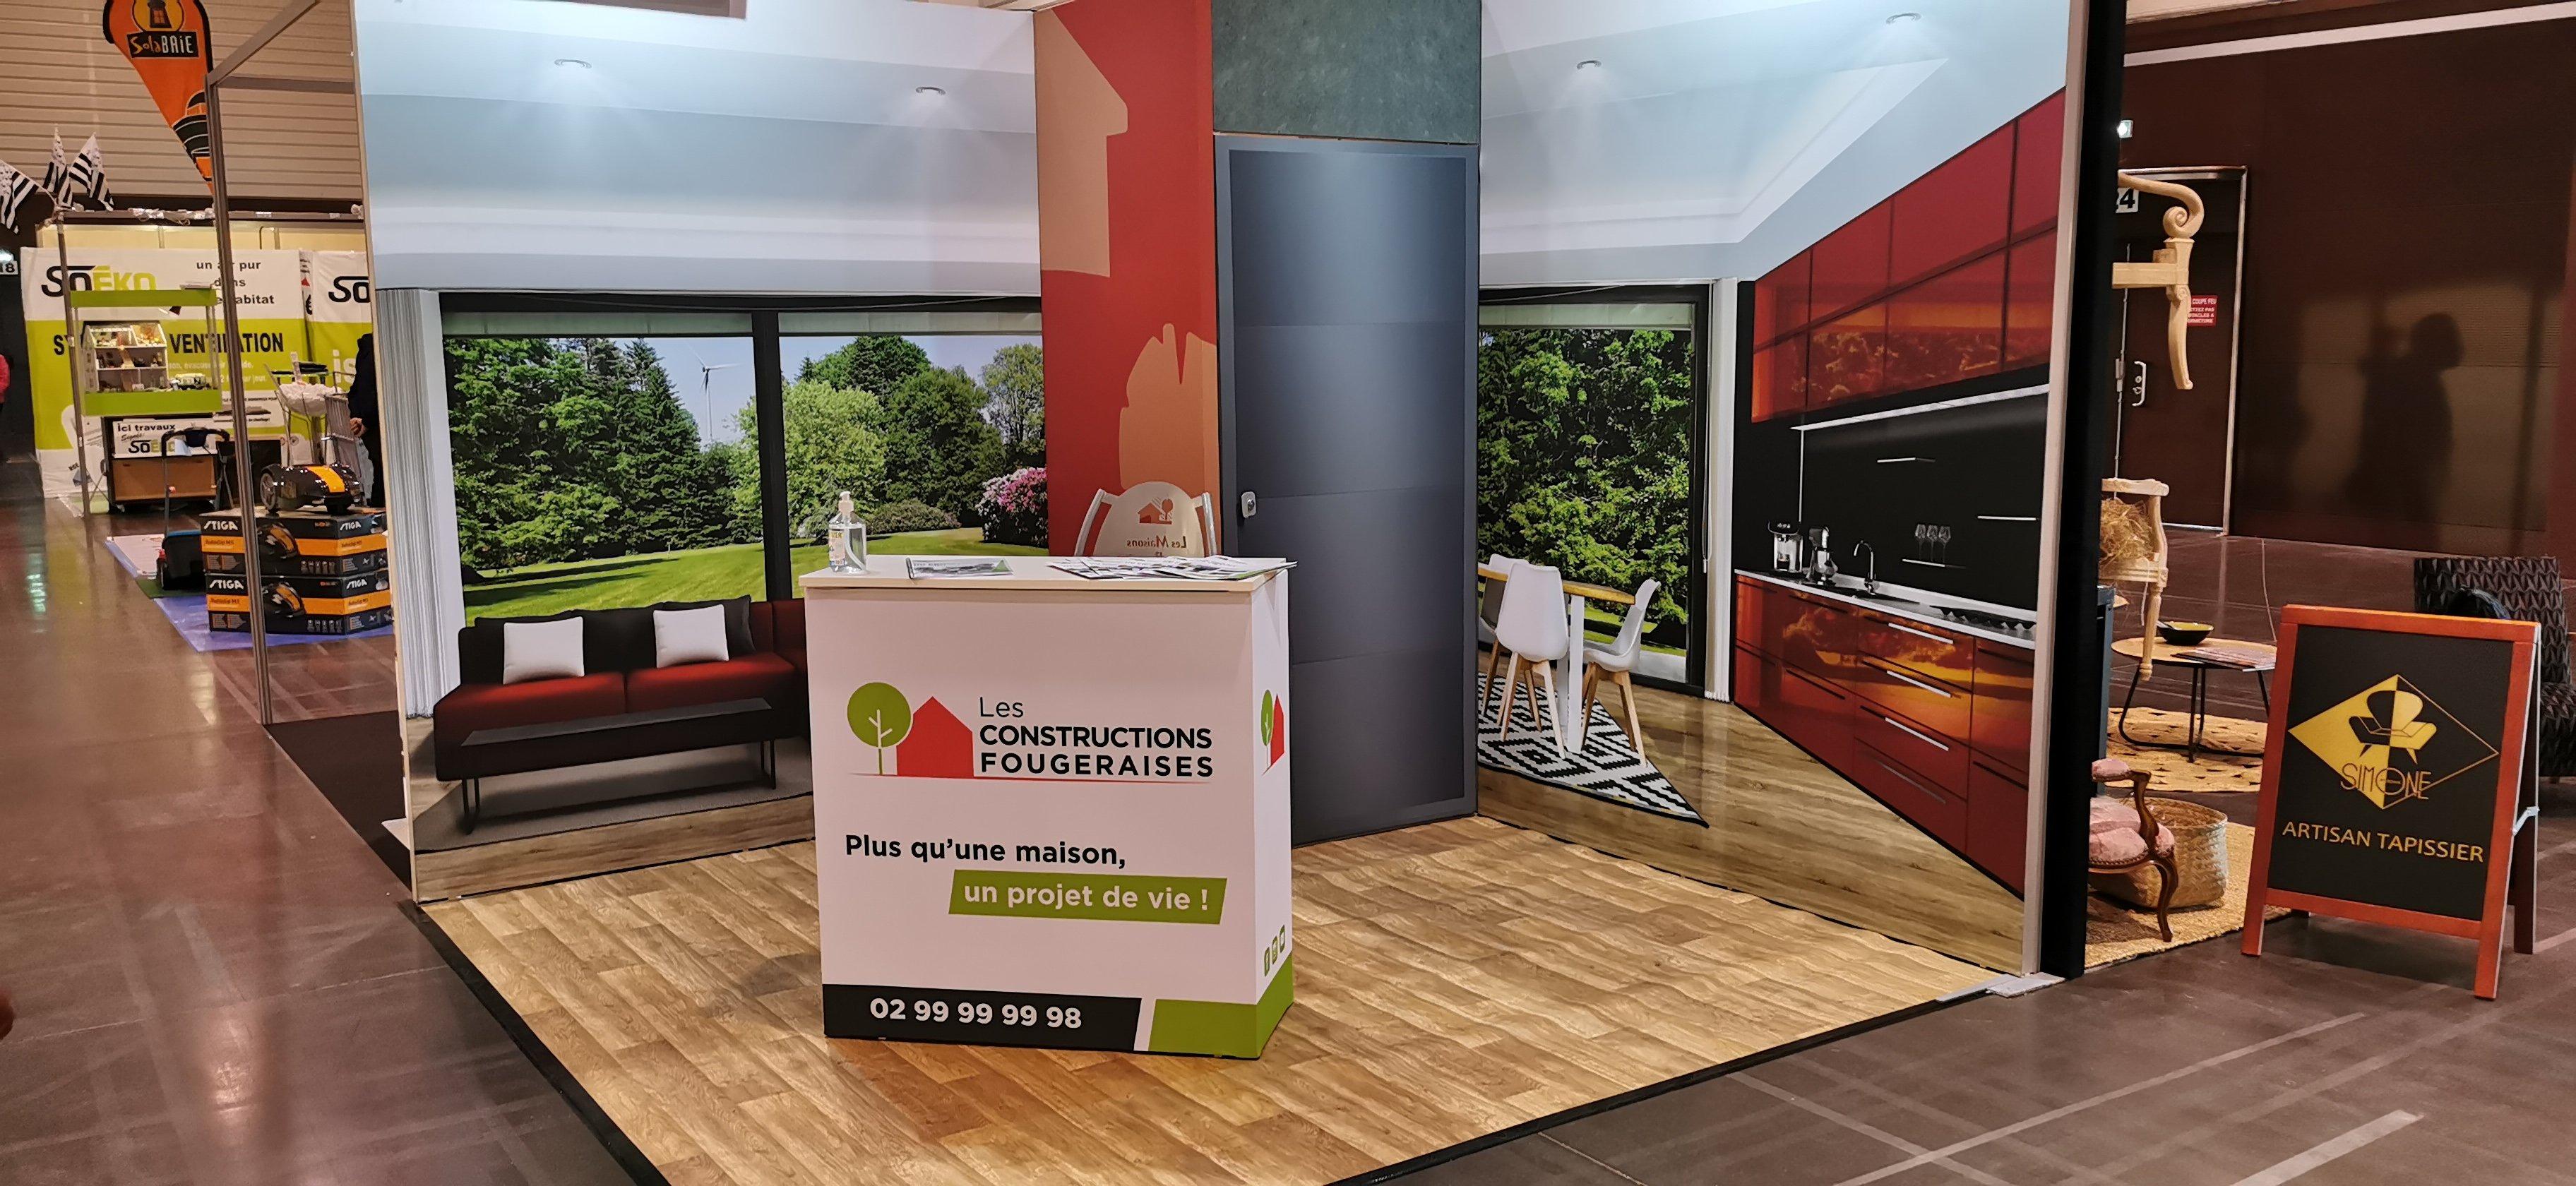 Stand Les Constructions Fougeraises à la Foire expo de Fougères